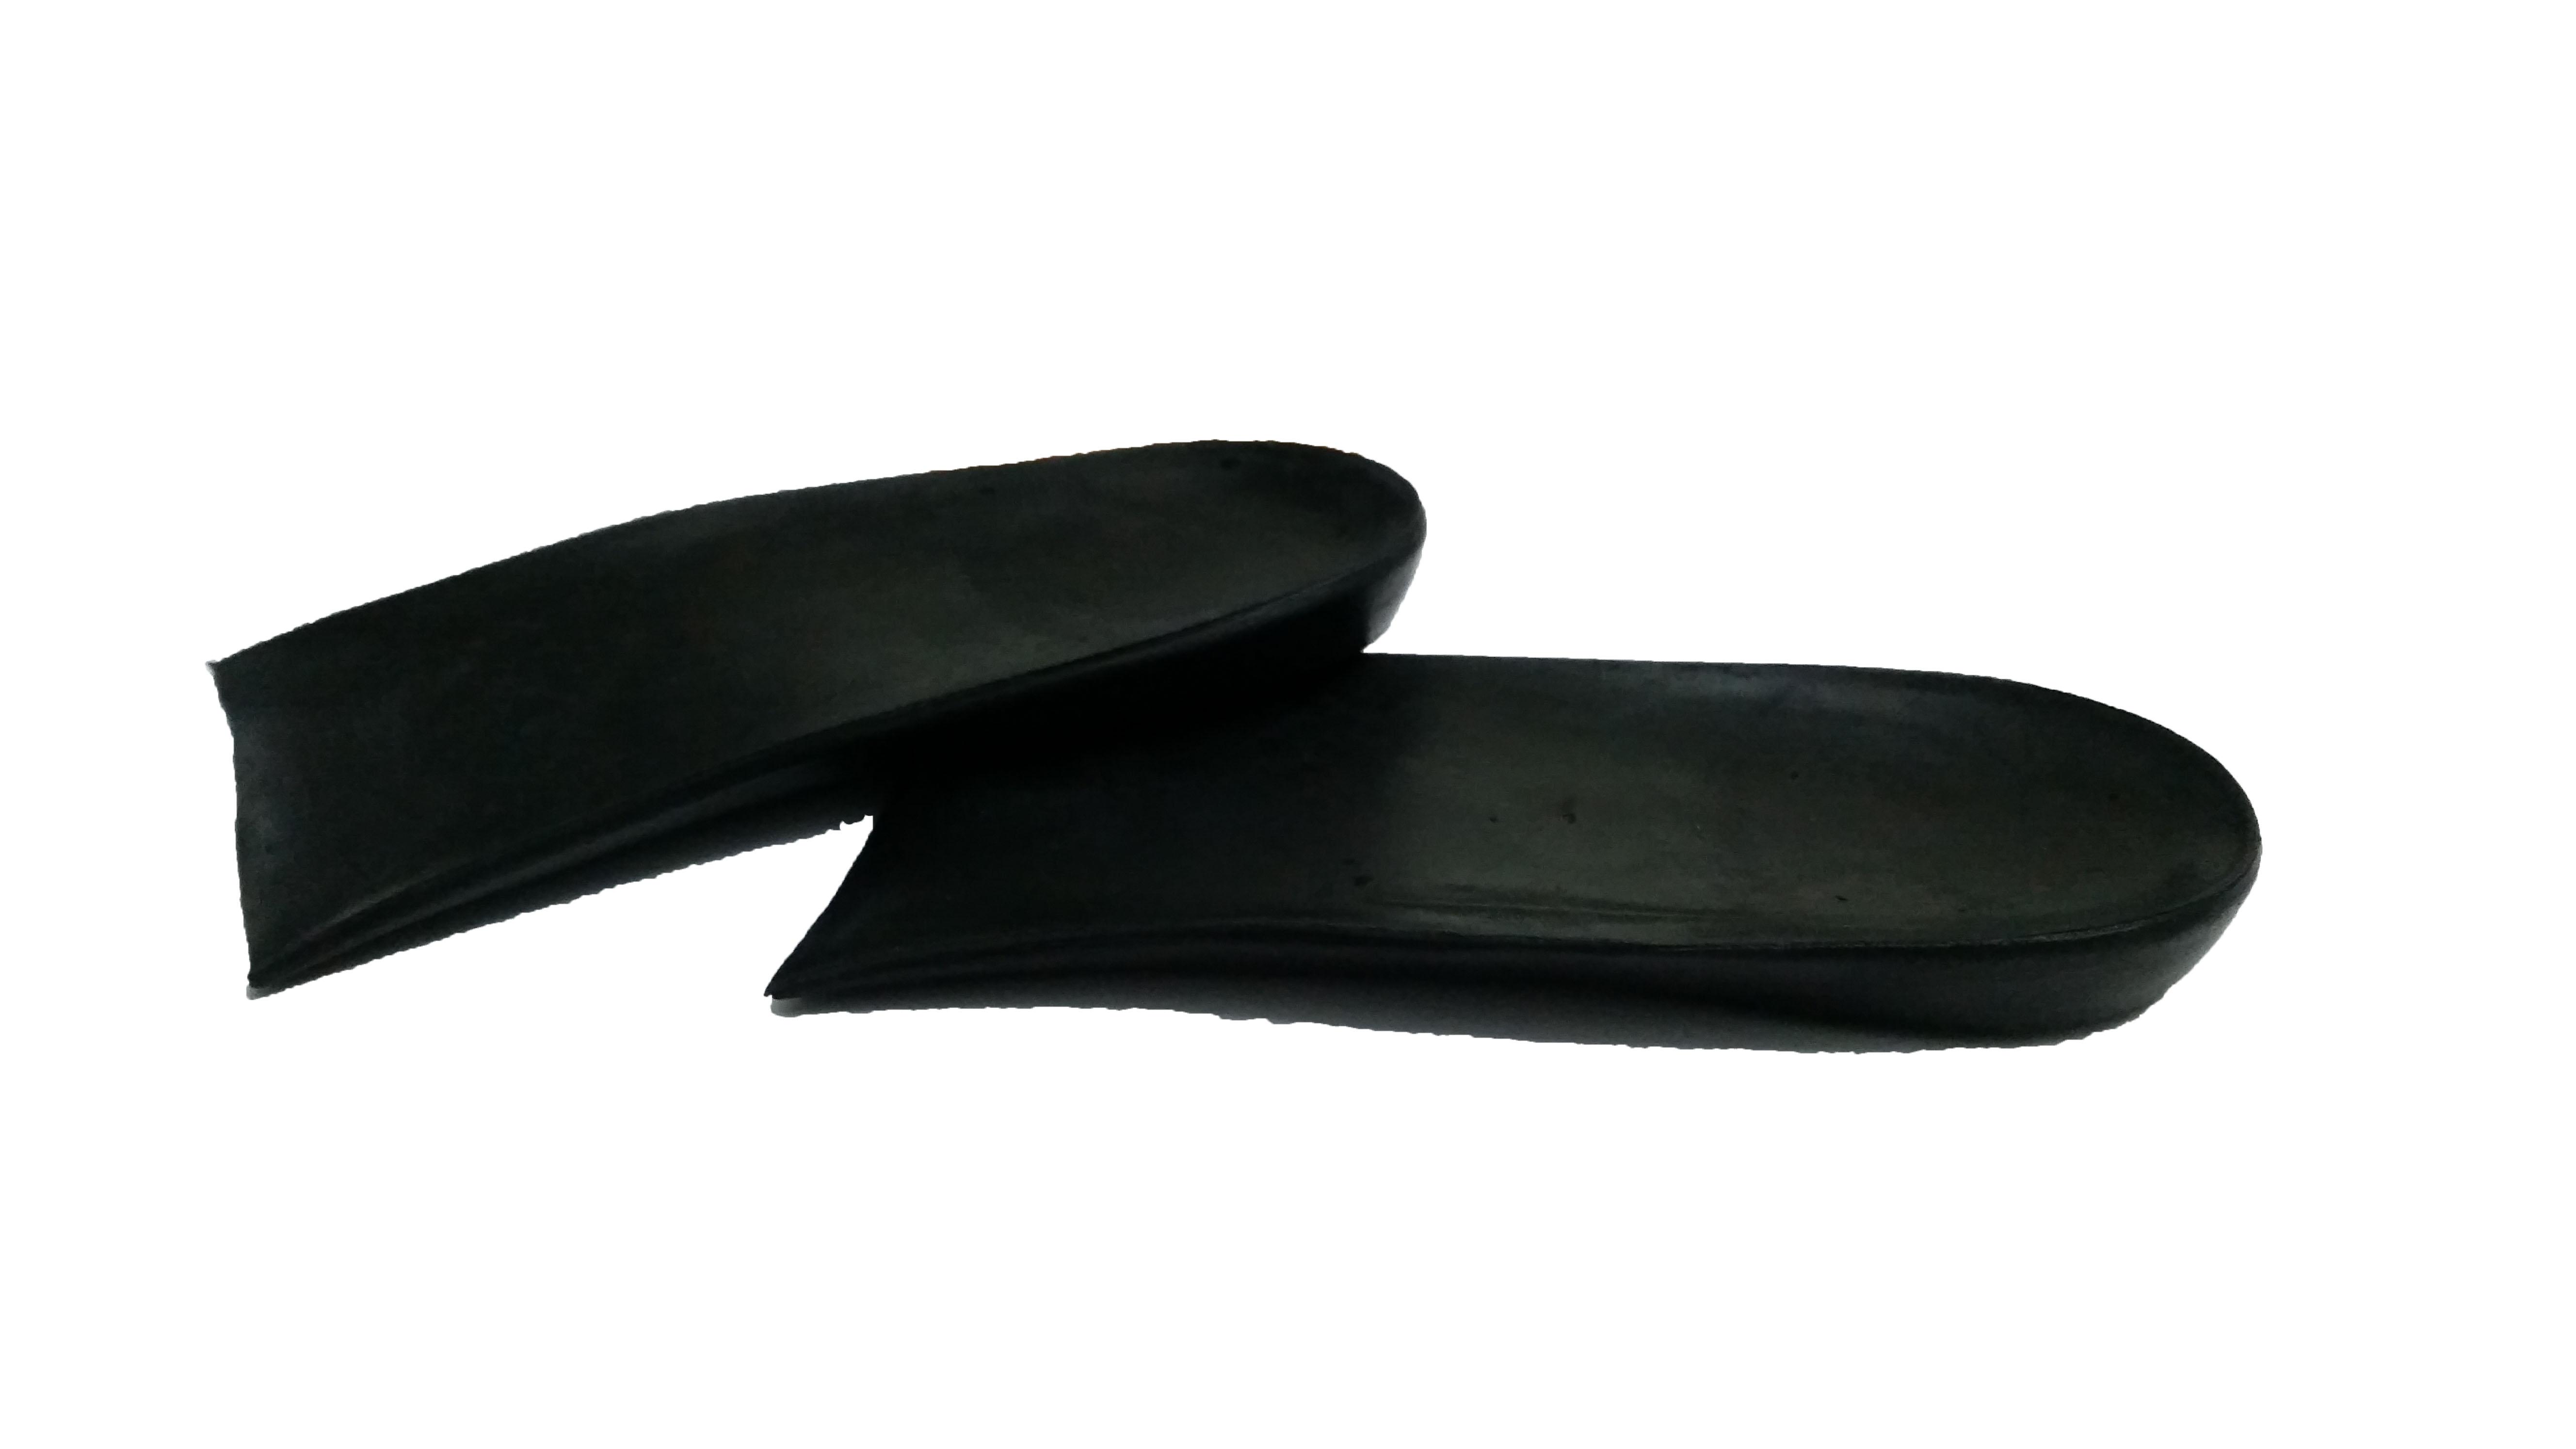 CM Plates Schuheinlagen - Schuheinlagen grösser werden